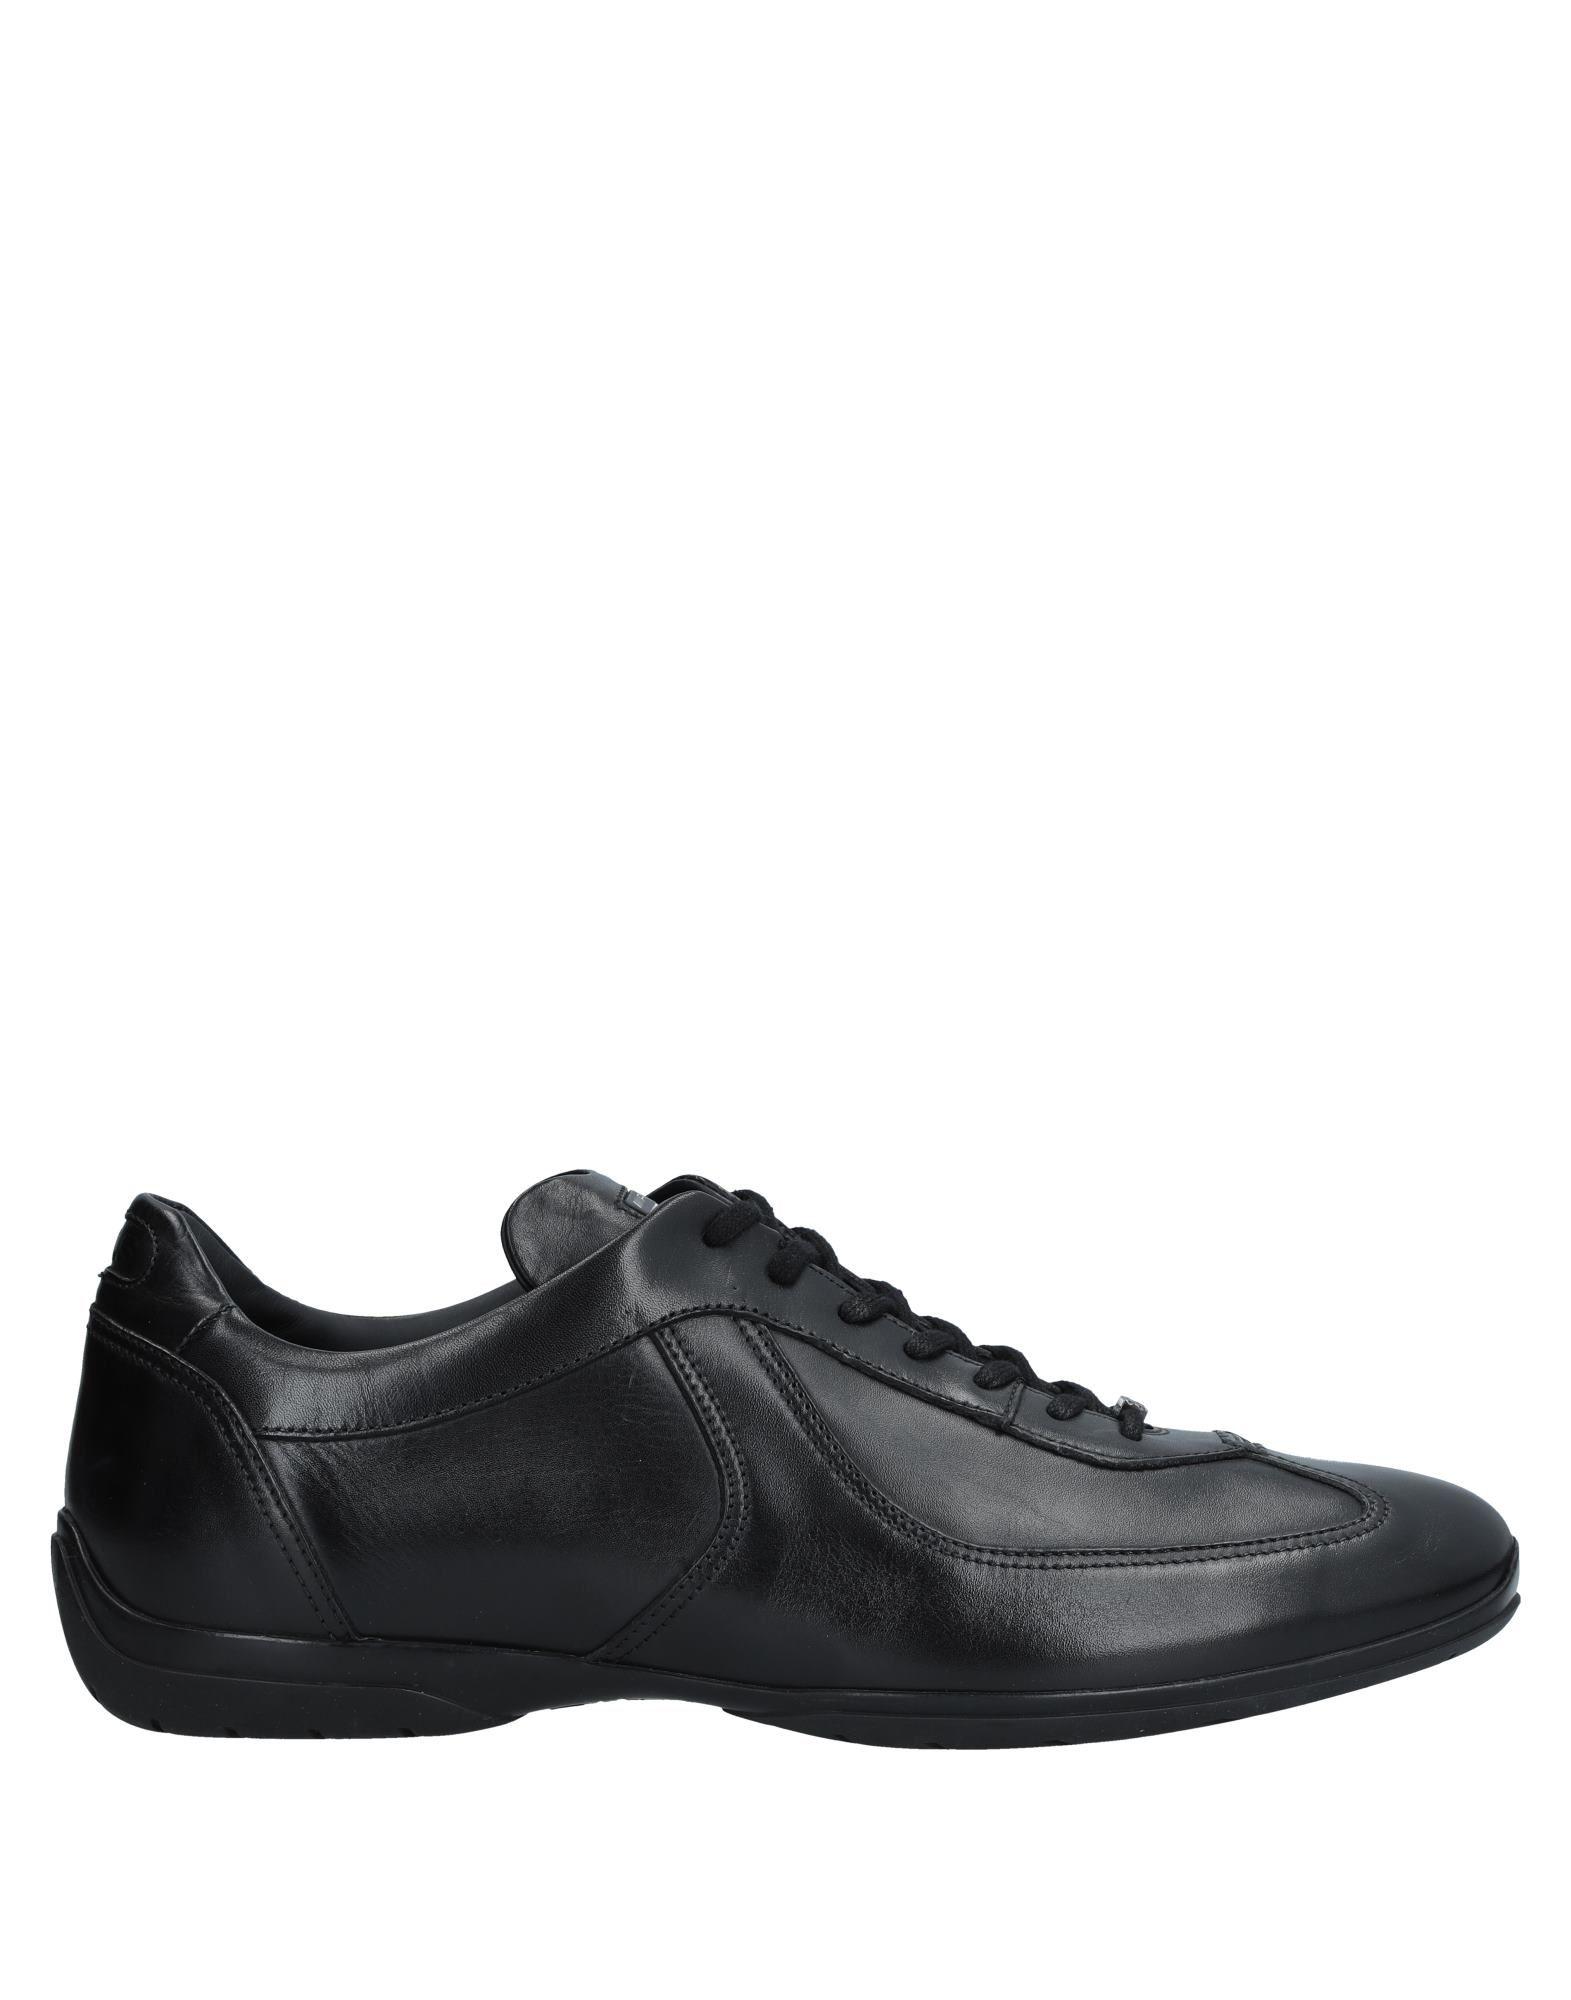 Santoni Sneakers Herren  11542817NE Gute Qualität beliebte Schuhe